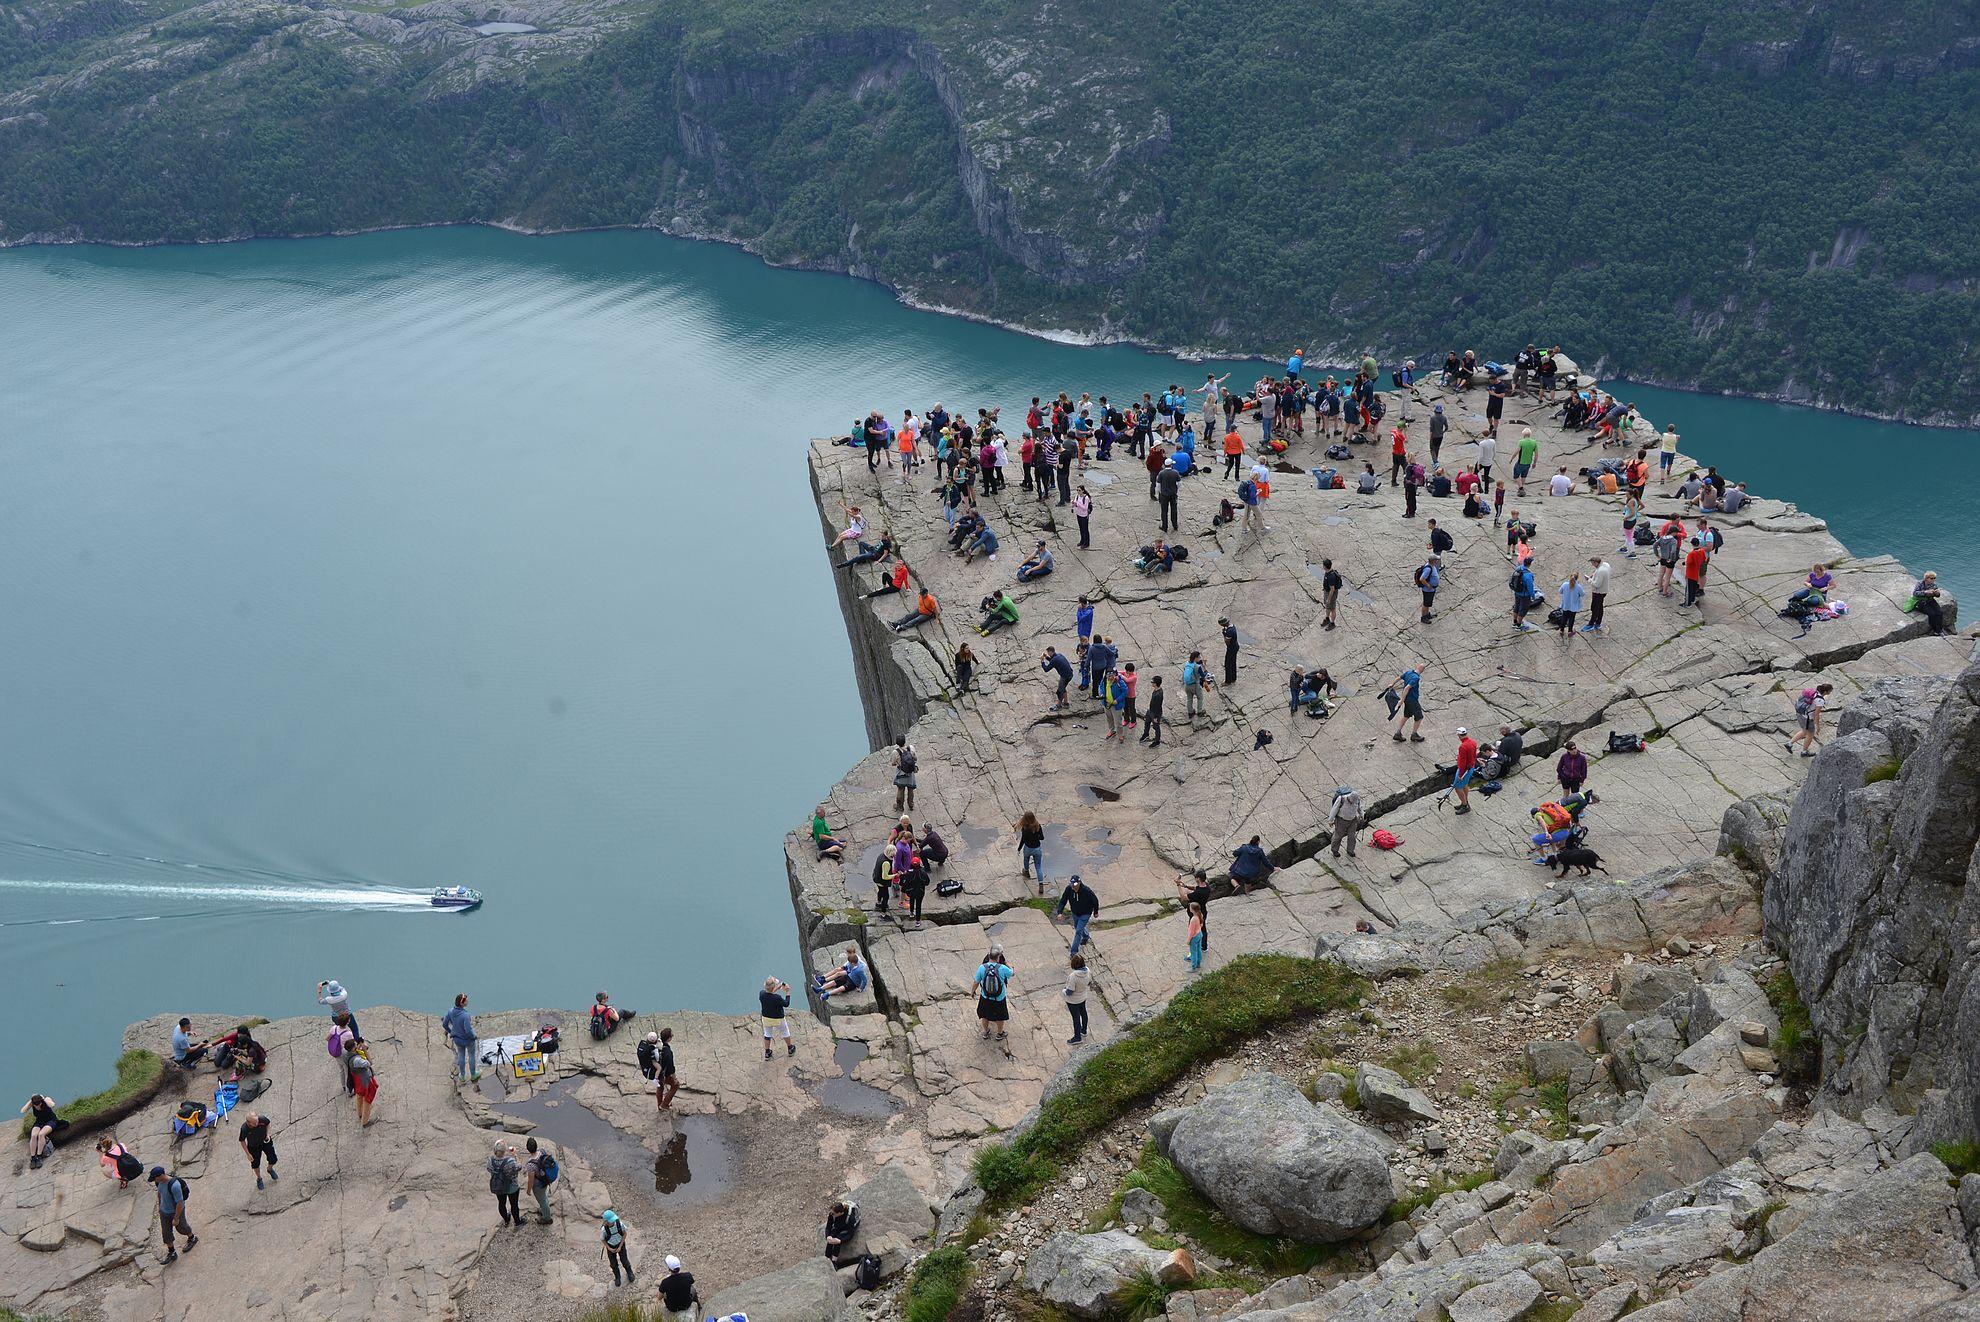 Preikestolen - 25 x 25 metrin lohkare, joka on Norjan suosituin luontonähtävyys.